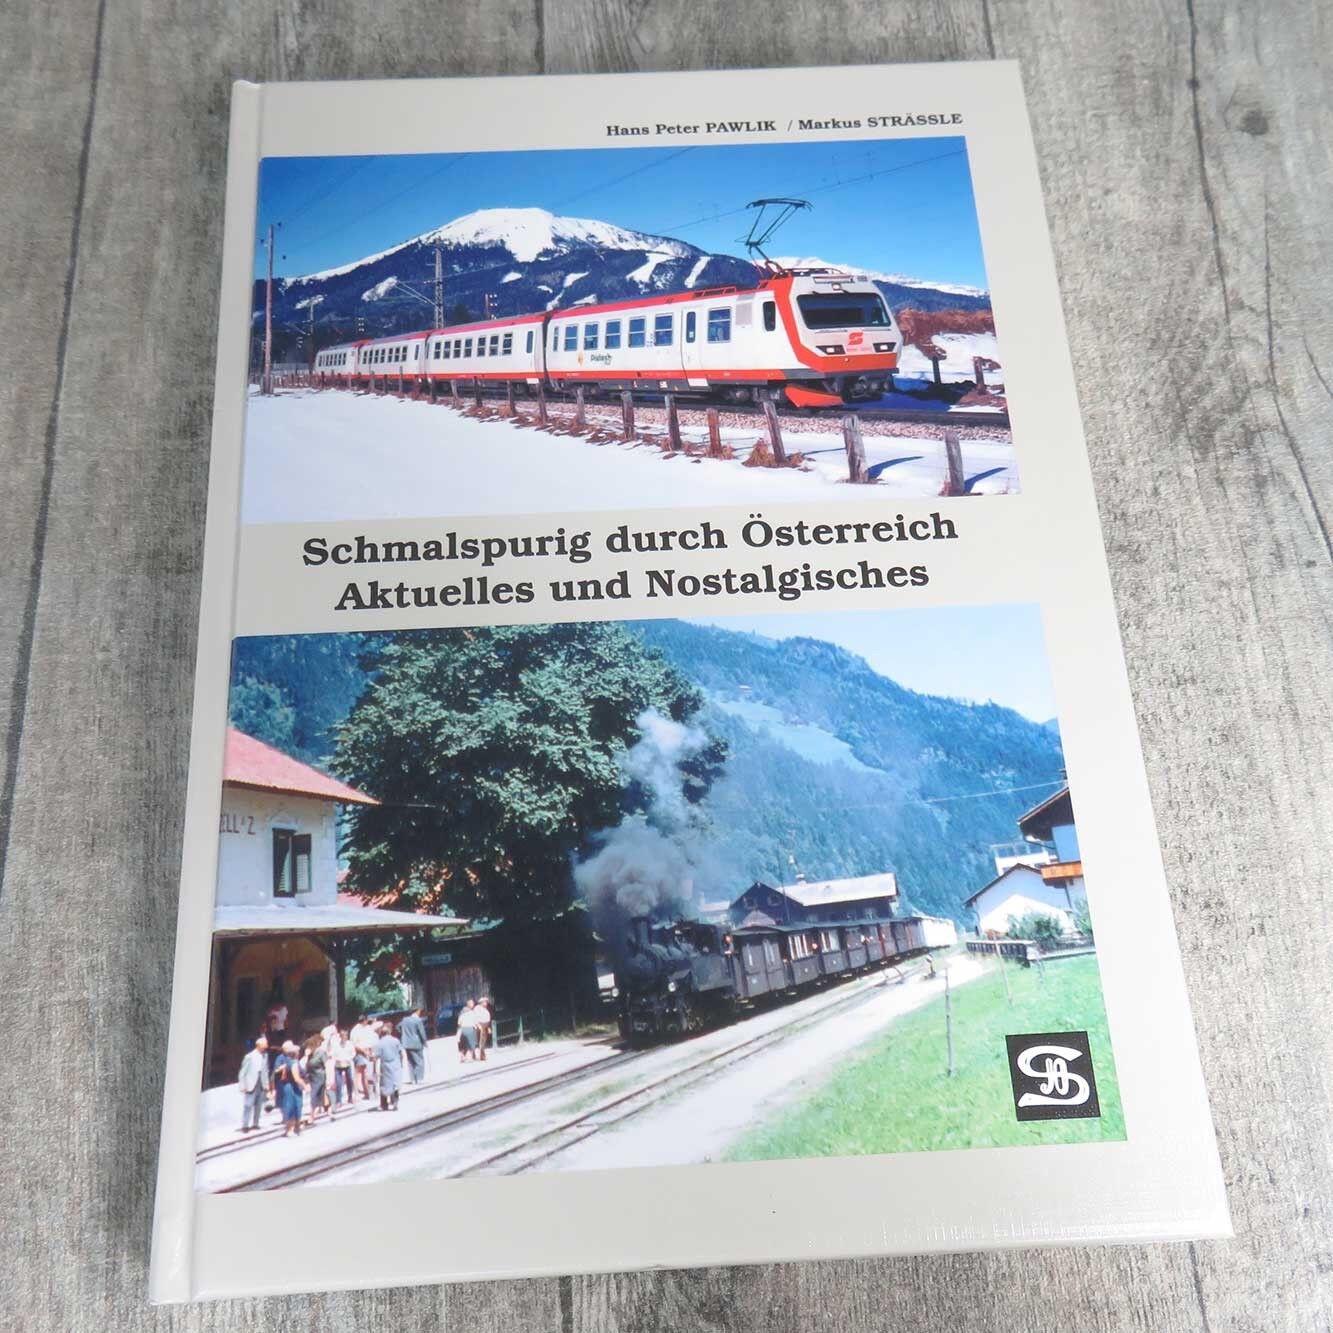 SCHMALSPURIG DURCH ÖSTERREICH - AKTUELLES UND NOSTALISCHES - #A56